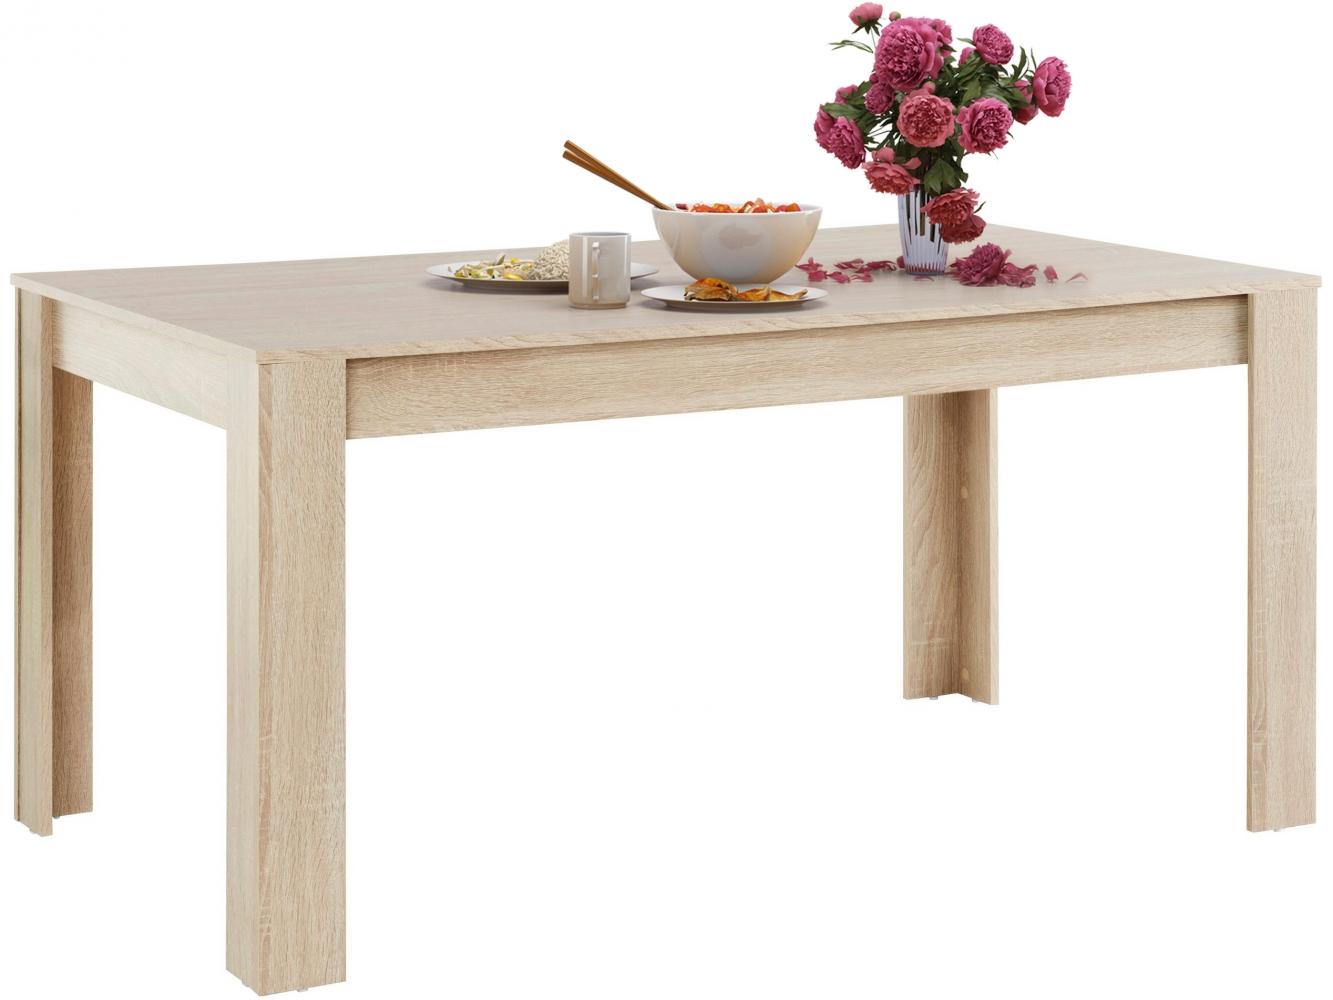 Jídelní stůl Lora, 160 cm, dub